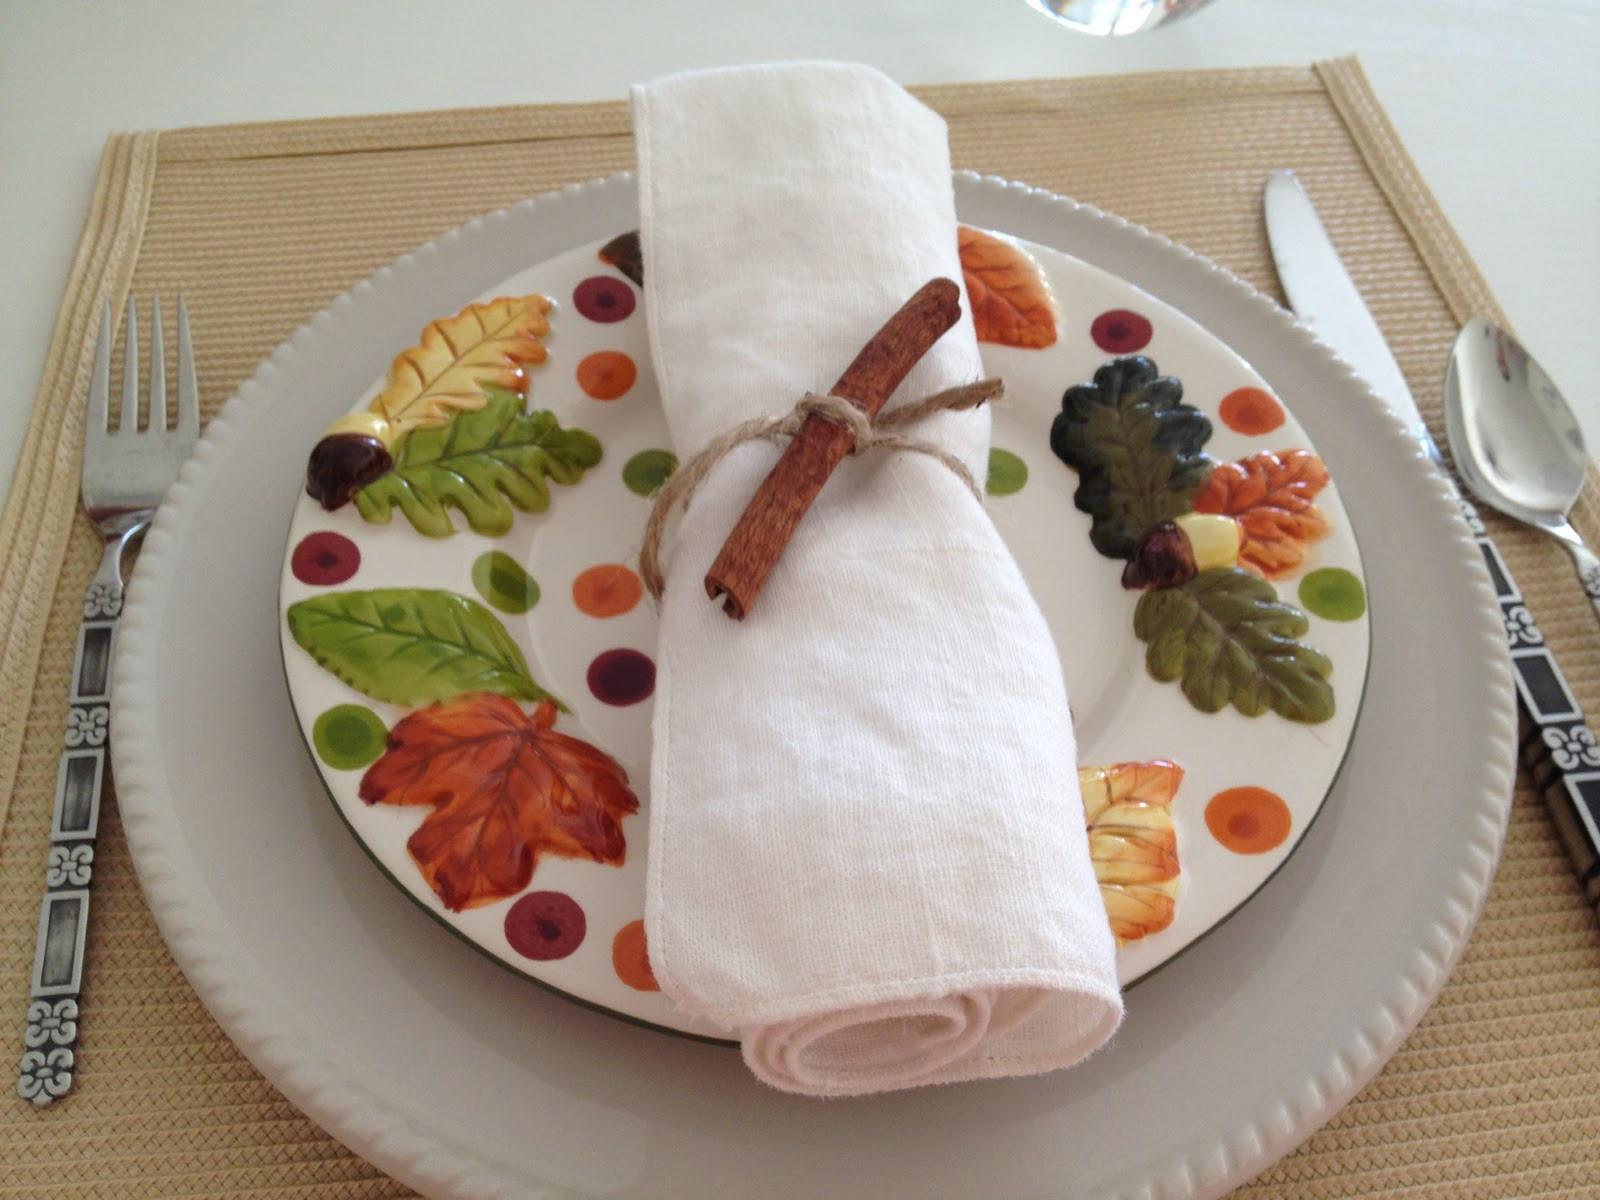 Raw Vegan Thanksgiving  The Healing Kitchen Raw Vegan Thanksgiving Recipes and